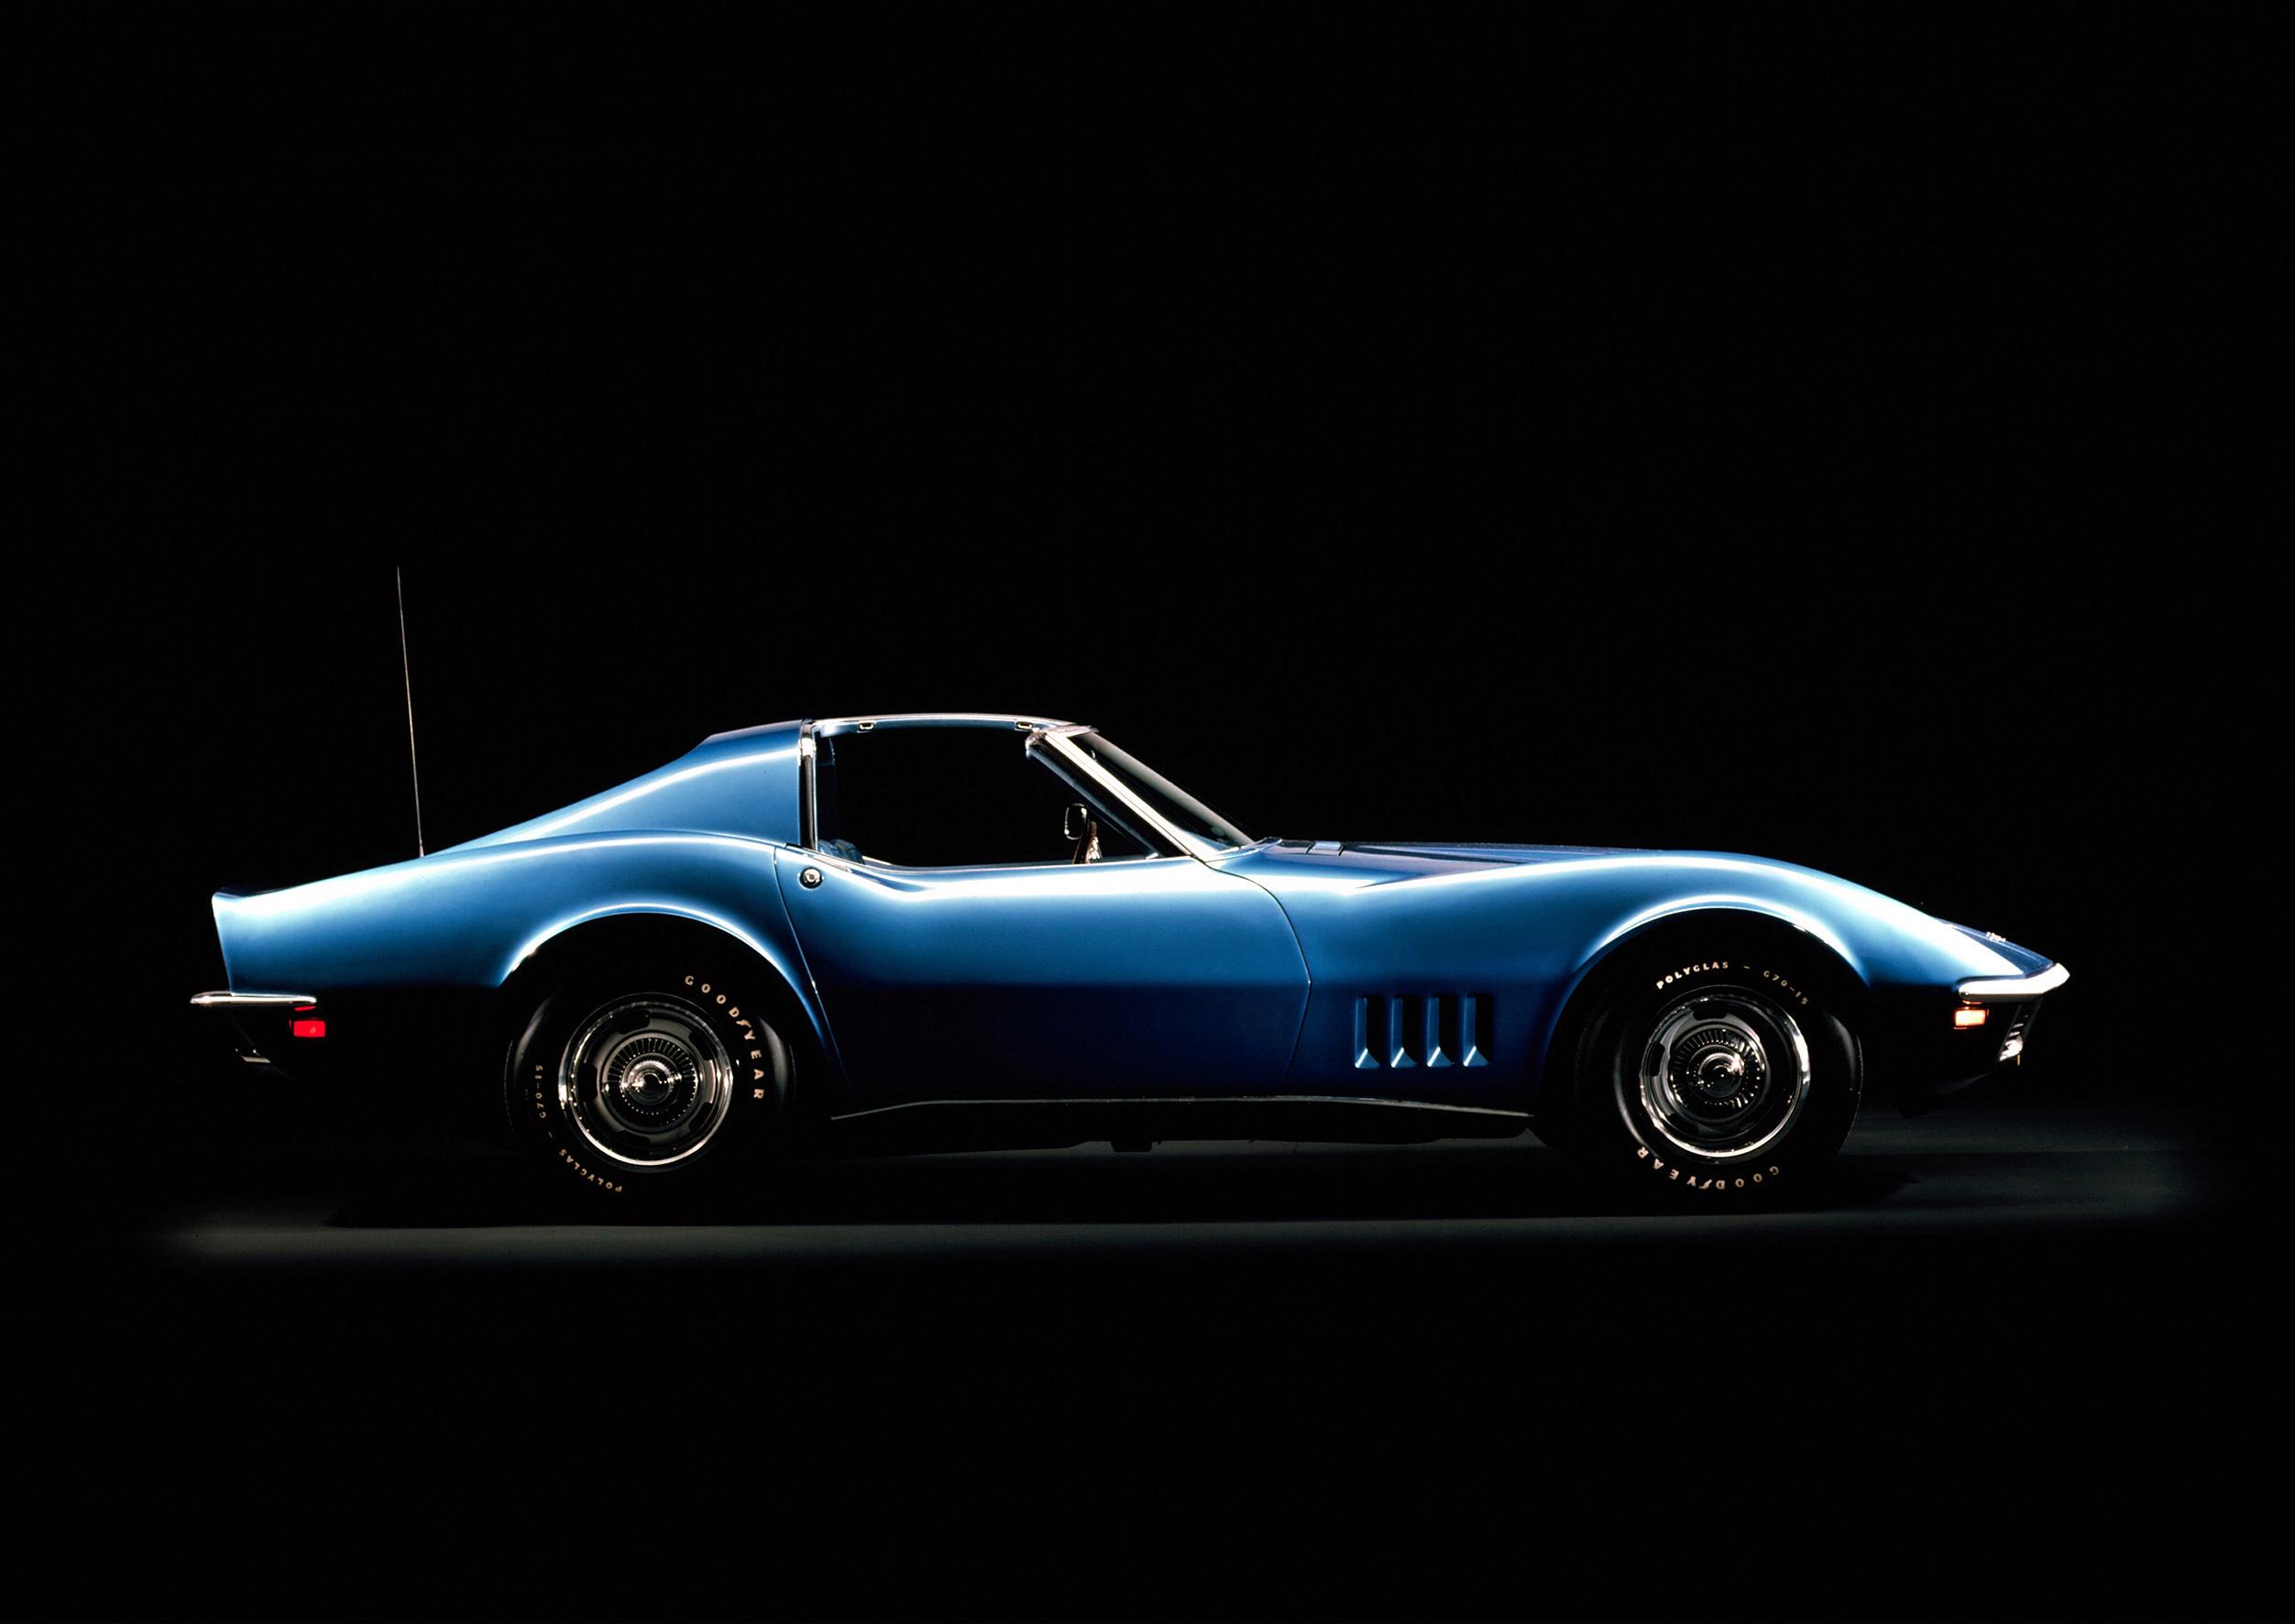 1968 Chevrolet Stingray Corvette